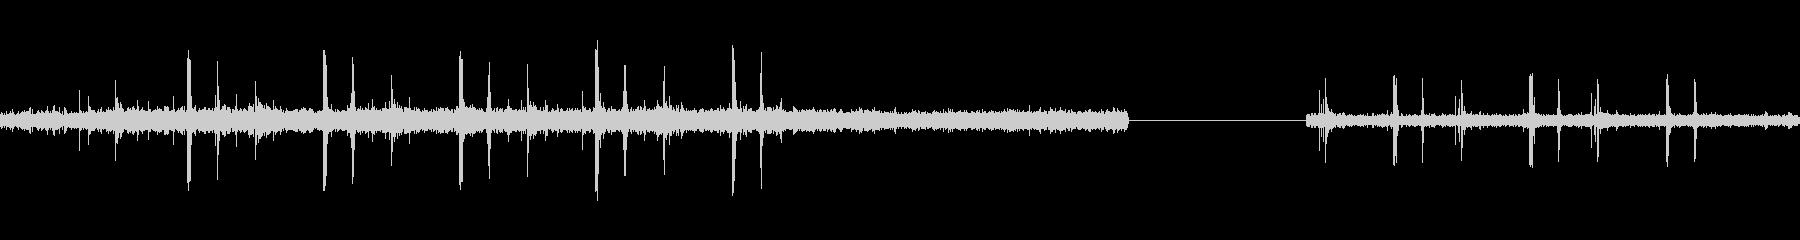 フォトコピー:ランニング、コンスタ...の未再生の波形